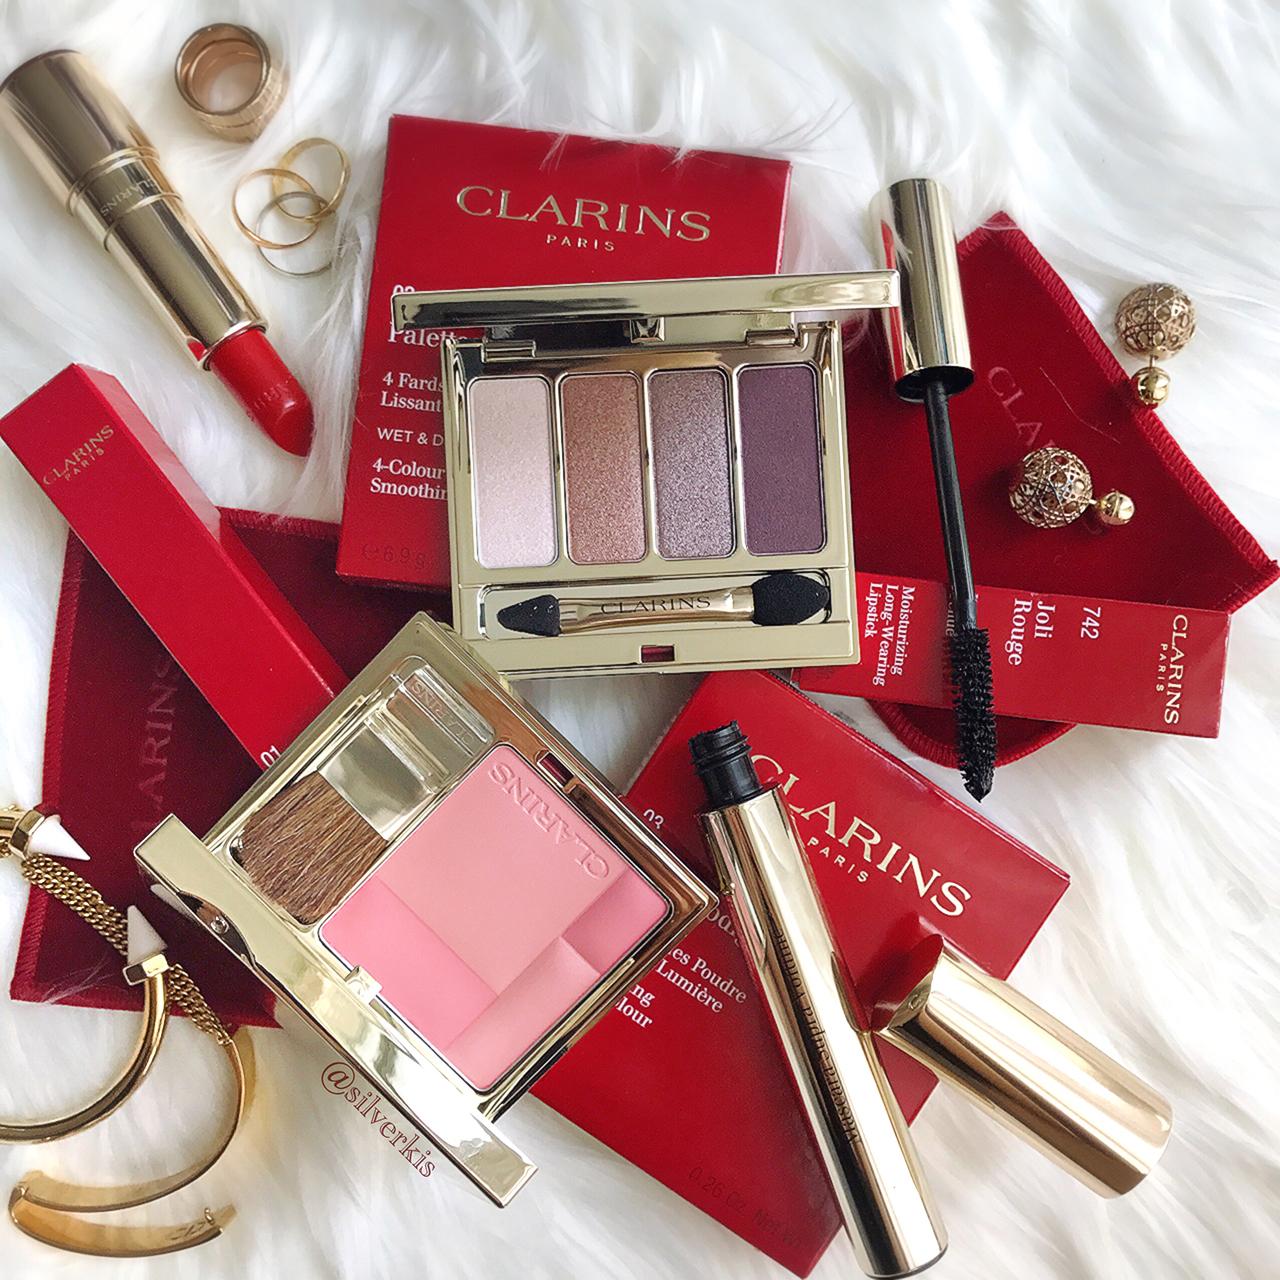 Clarins makeup picks